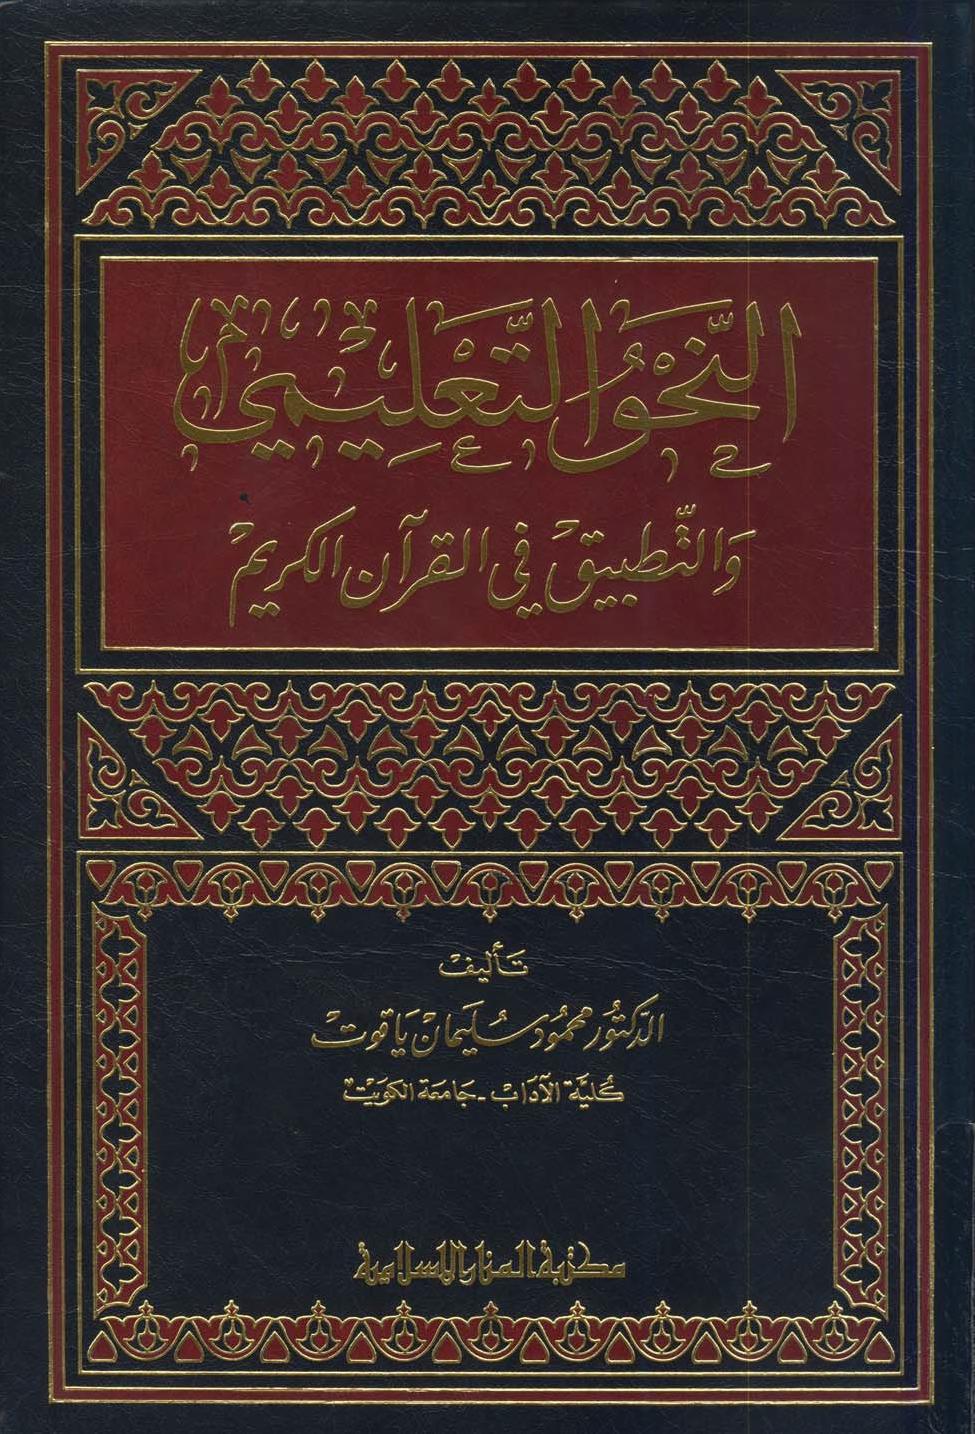 النحو التعليمي والتطبيق في القرآن الكريم - محمود سليمان ياقوت